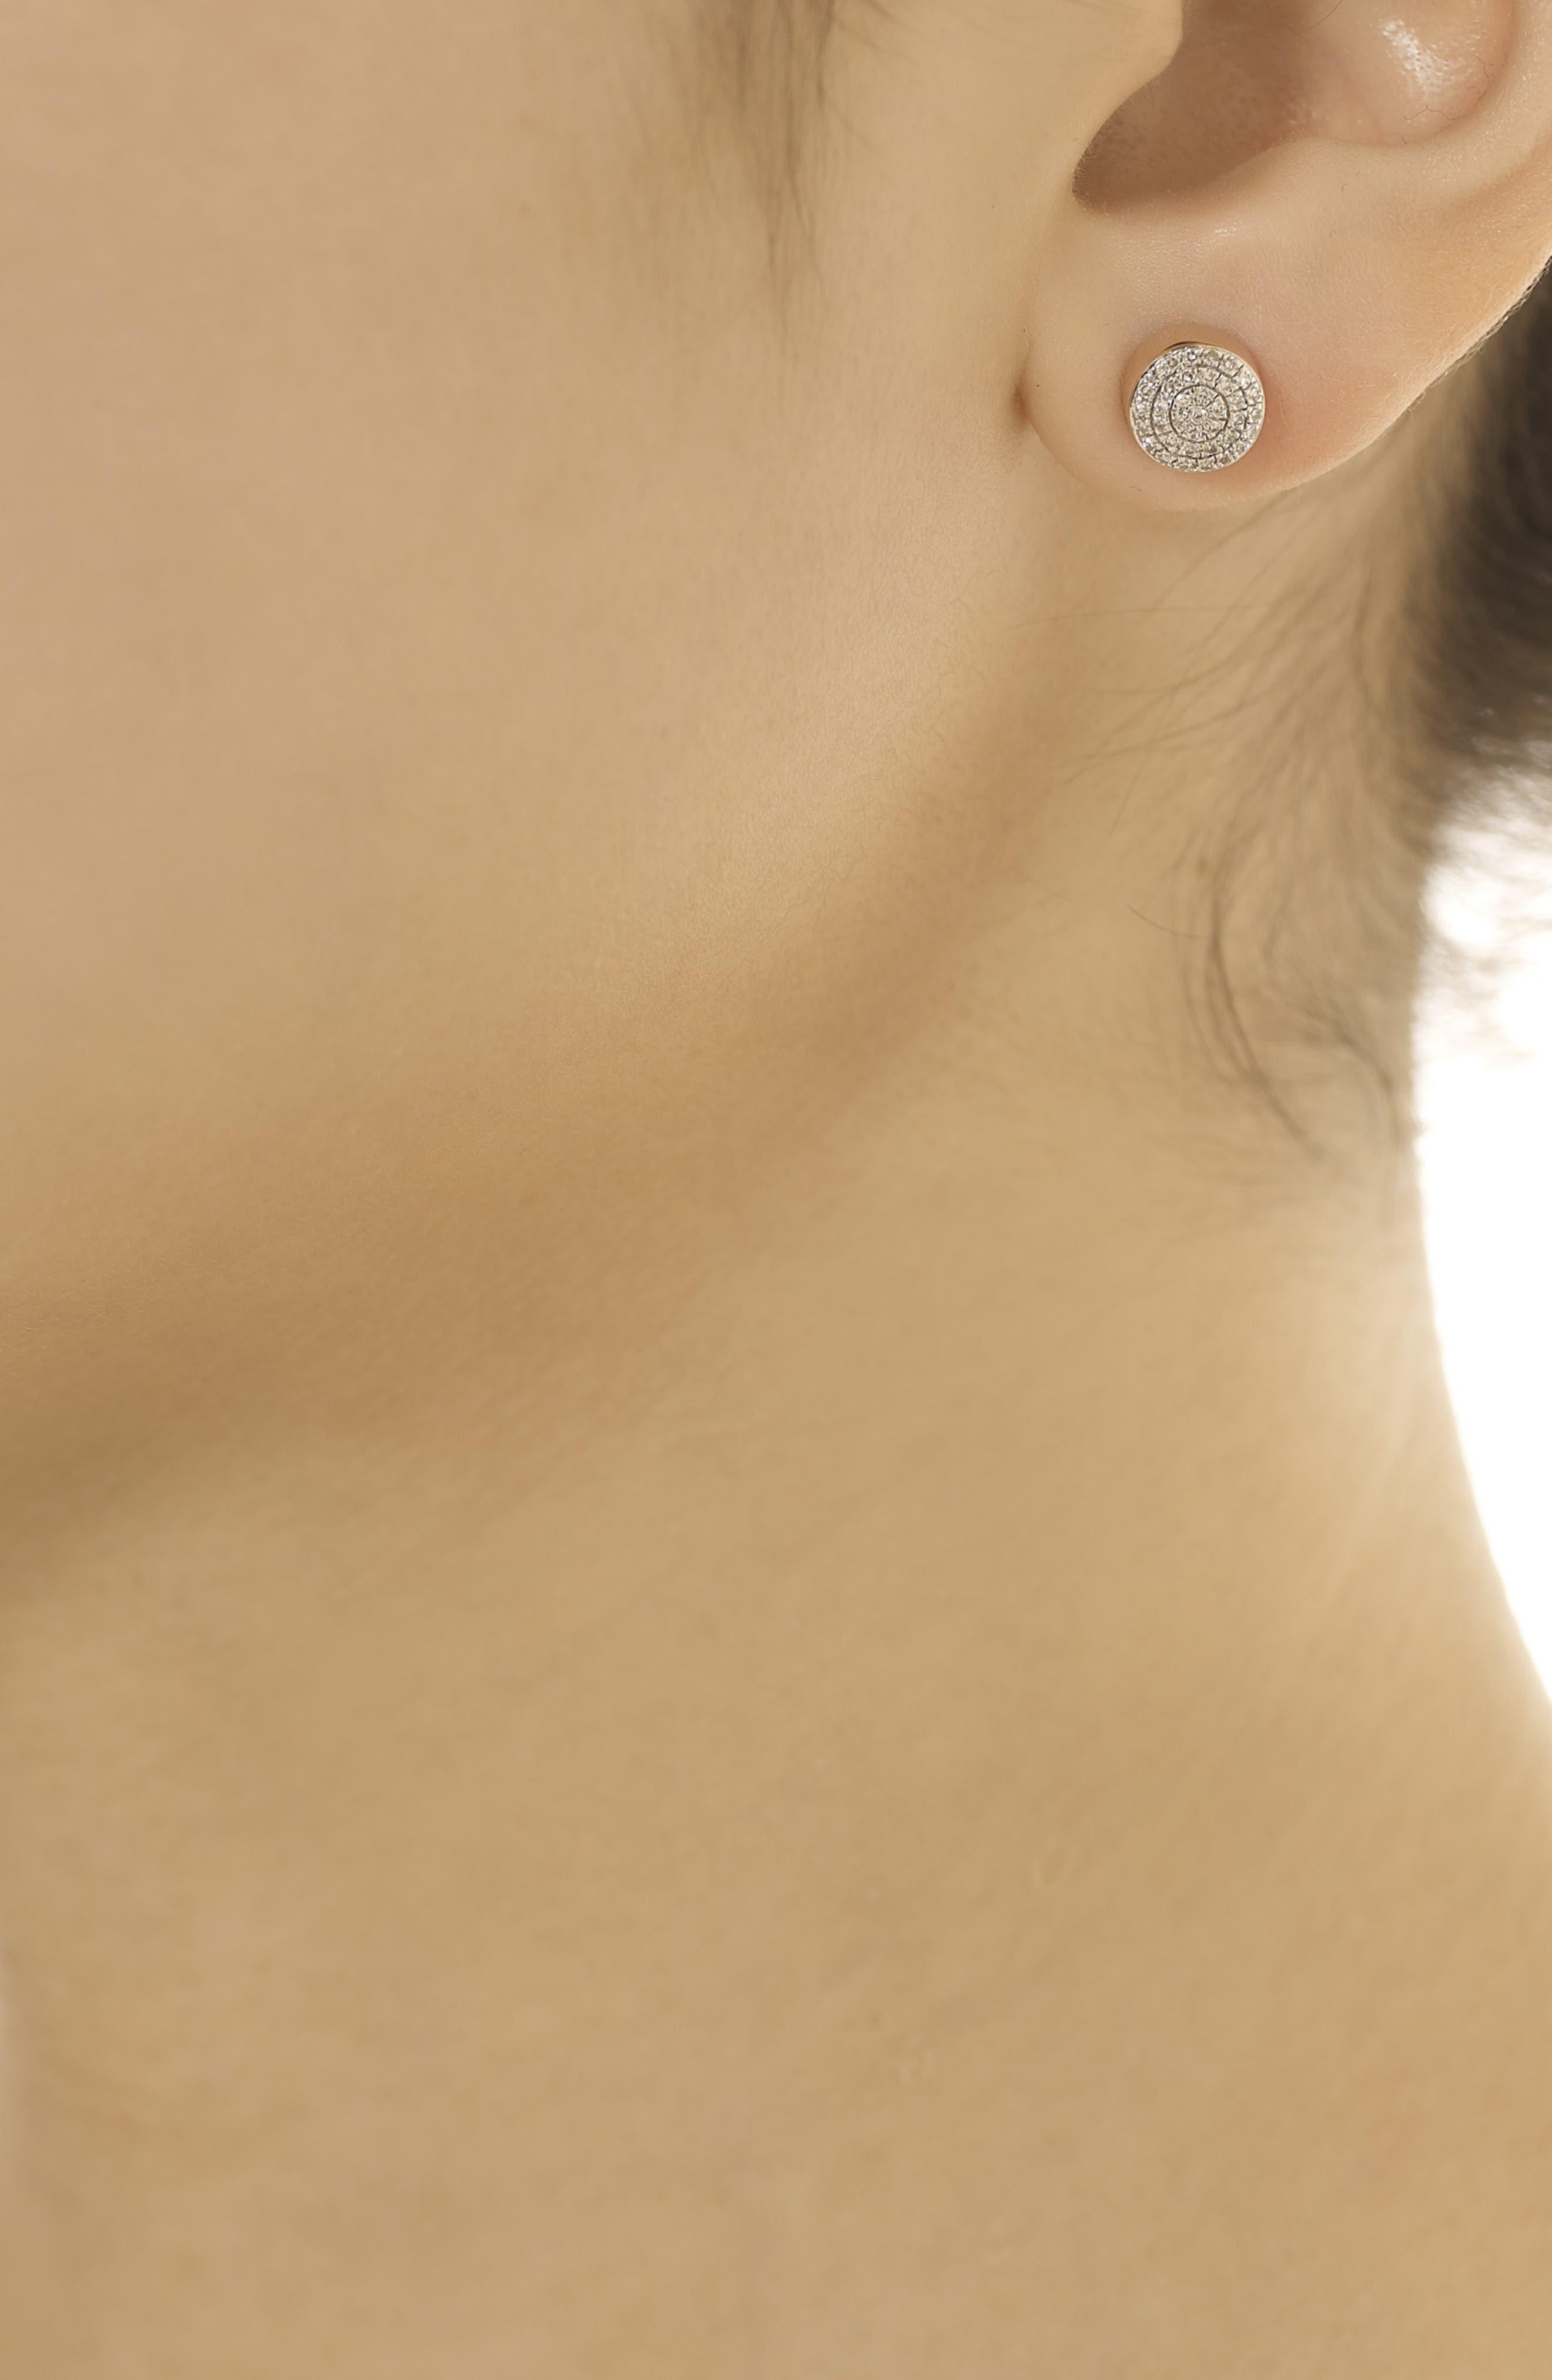 MONICA VINADER, 'Ava' Diamond Button Stud Earrings, Alternate thumbnail 2, color, ROSE GOLD